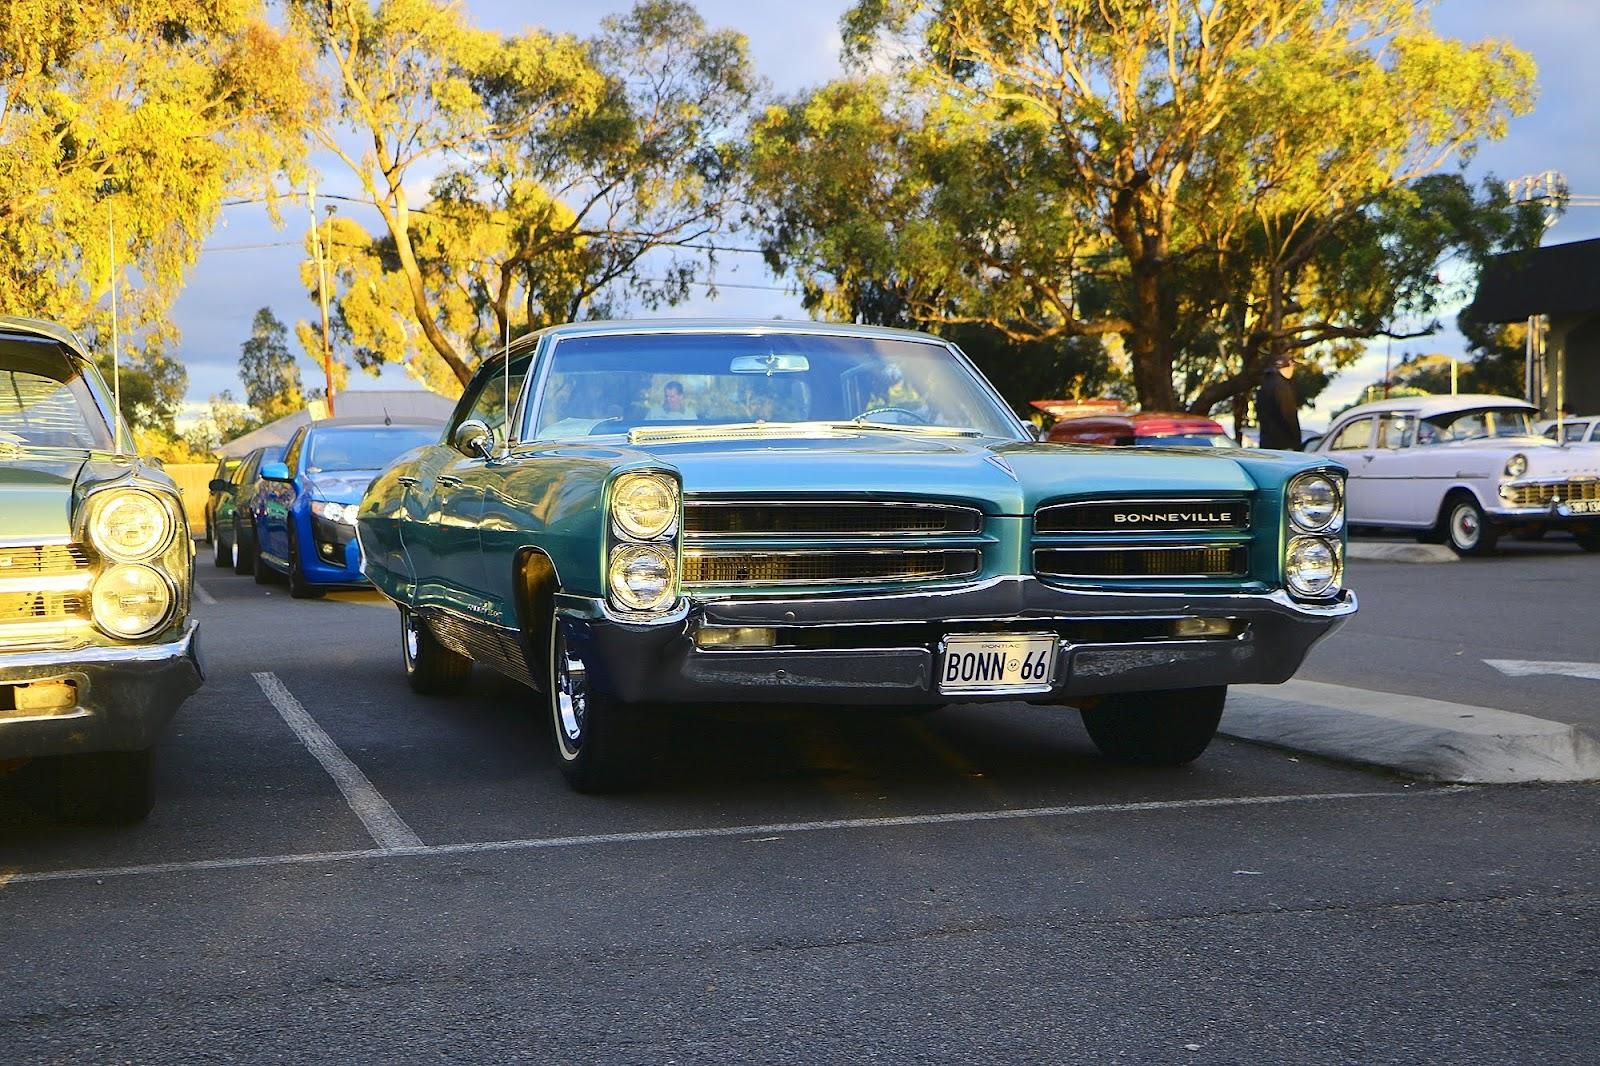 1966 Pontiac Bonneville Front.jpg